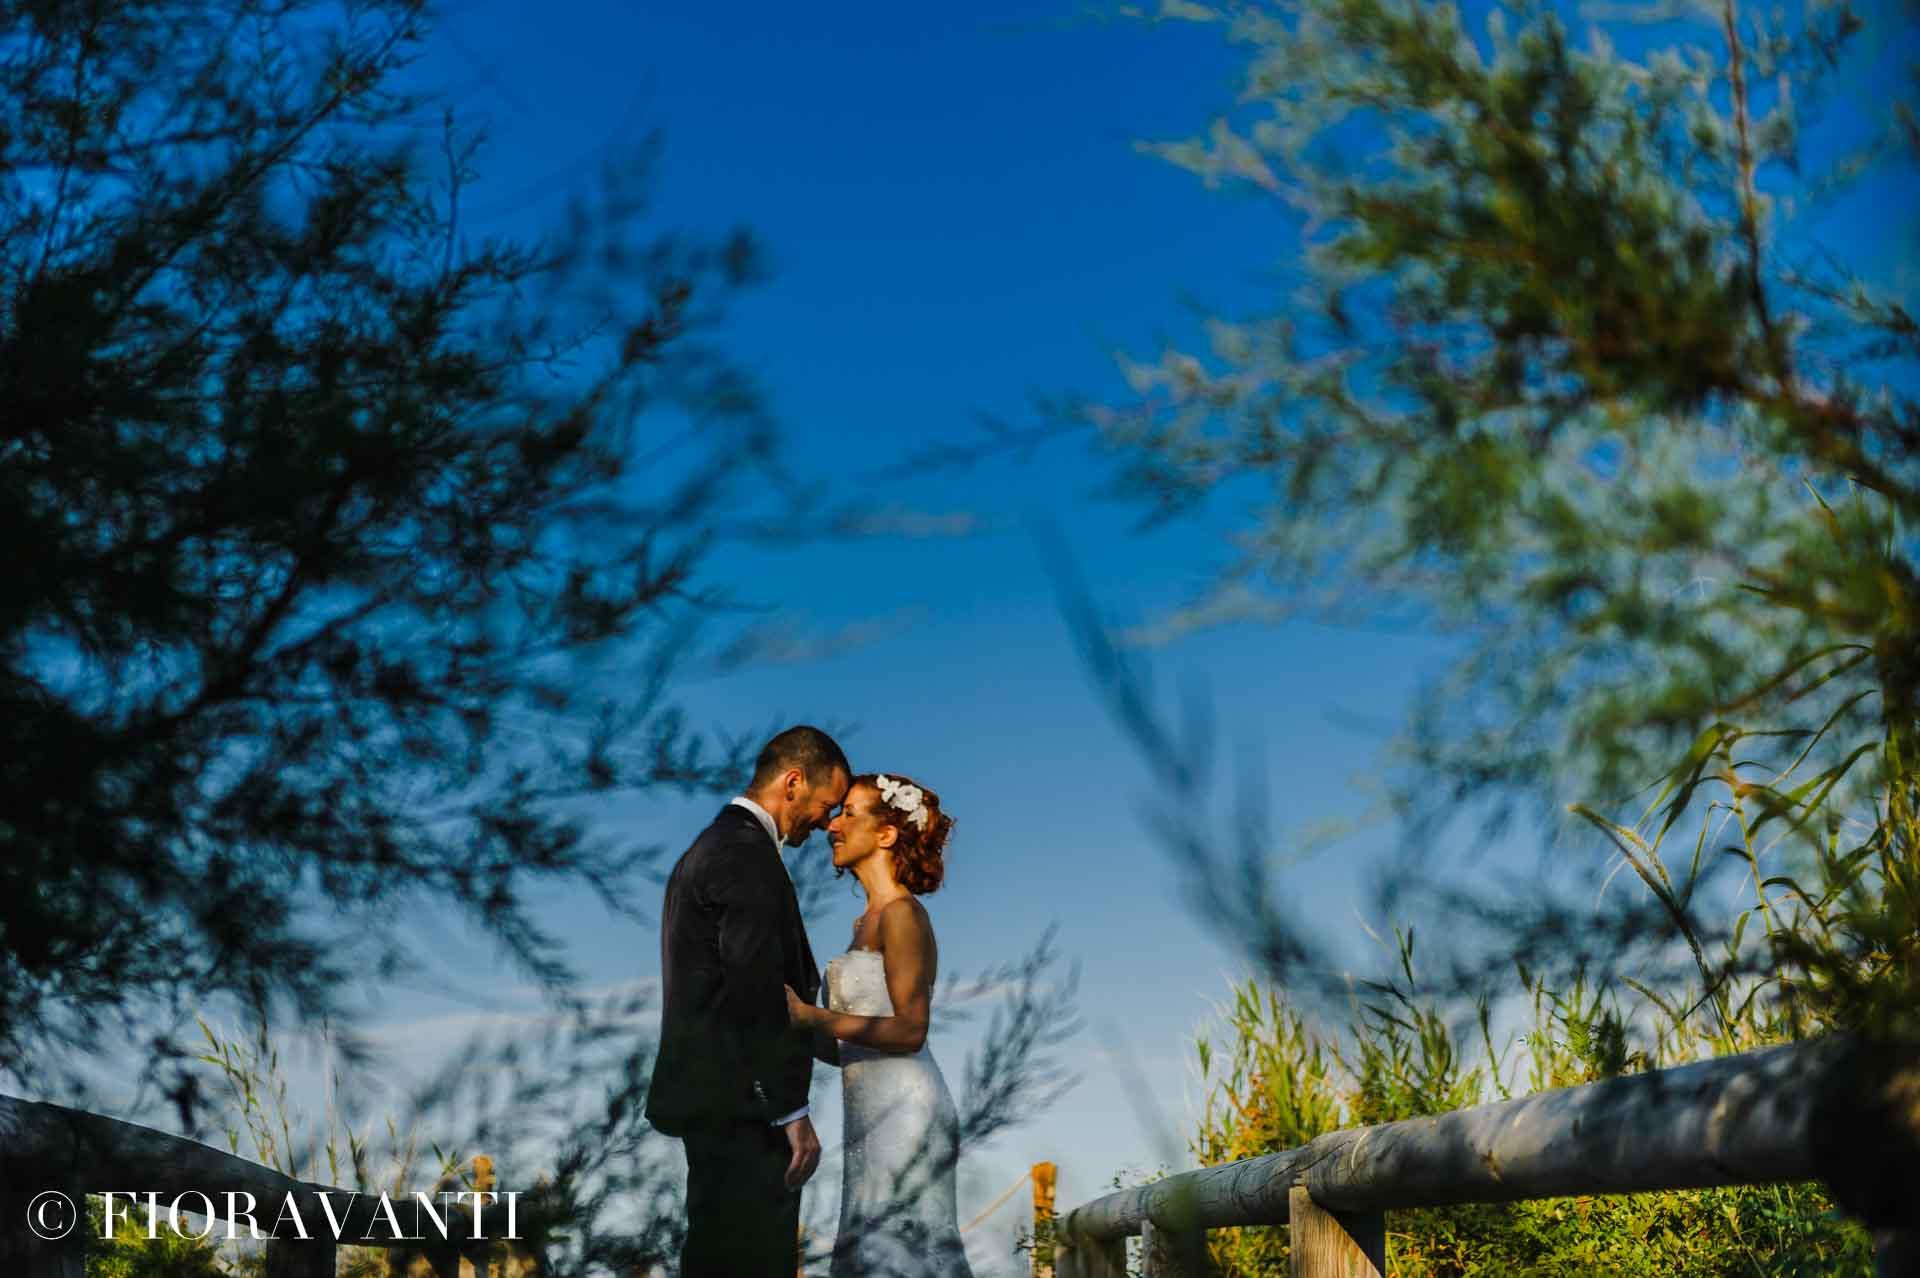 Fotografo matrimoni Marche Studio Fotografico Fioravanti Ascoli Piceno Livio Fioravanti Fotografo Matrimonio San Benedetto del Tronto Villa Sgariglia Campolungo 32